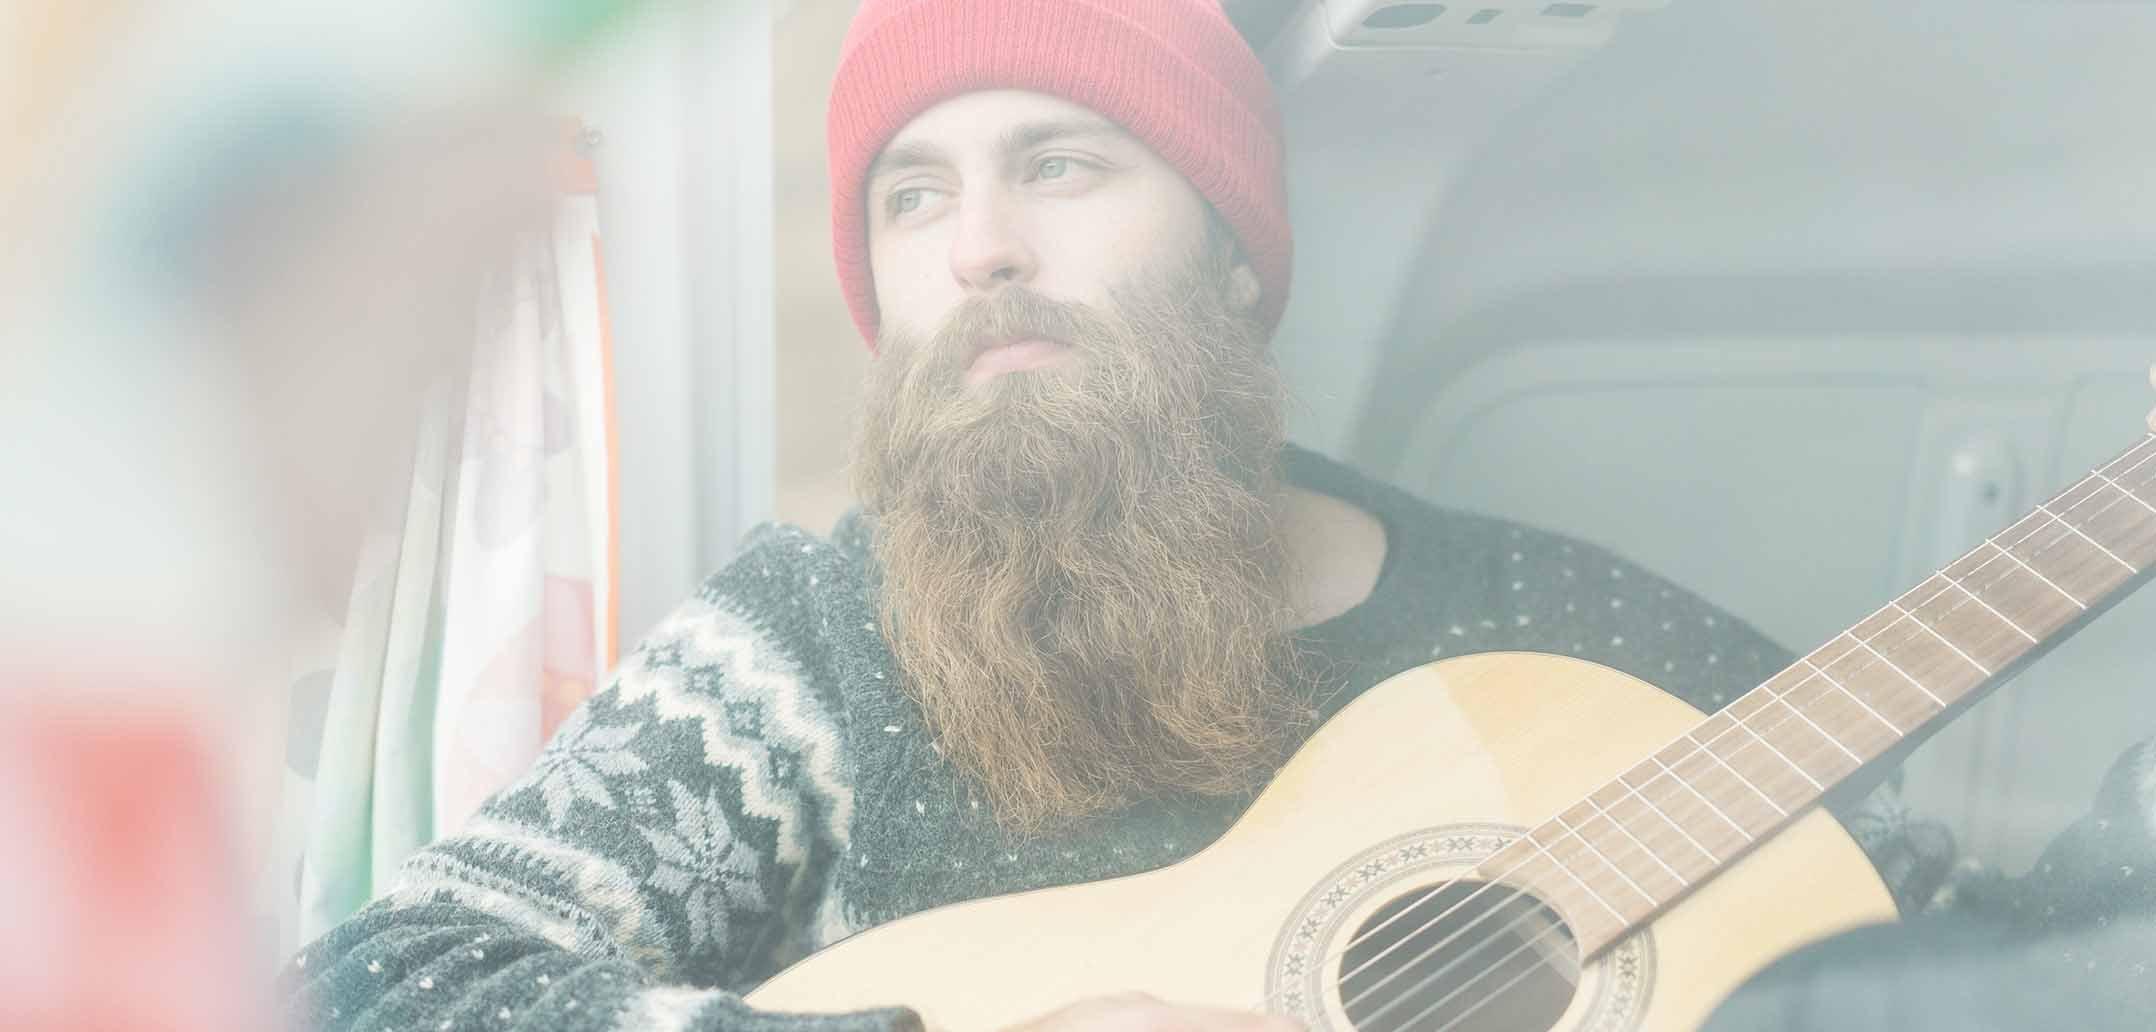 Musik kann dabei helfen, seine Trauer zu überwinden